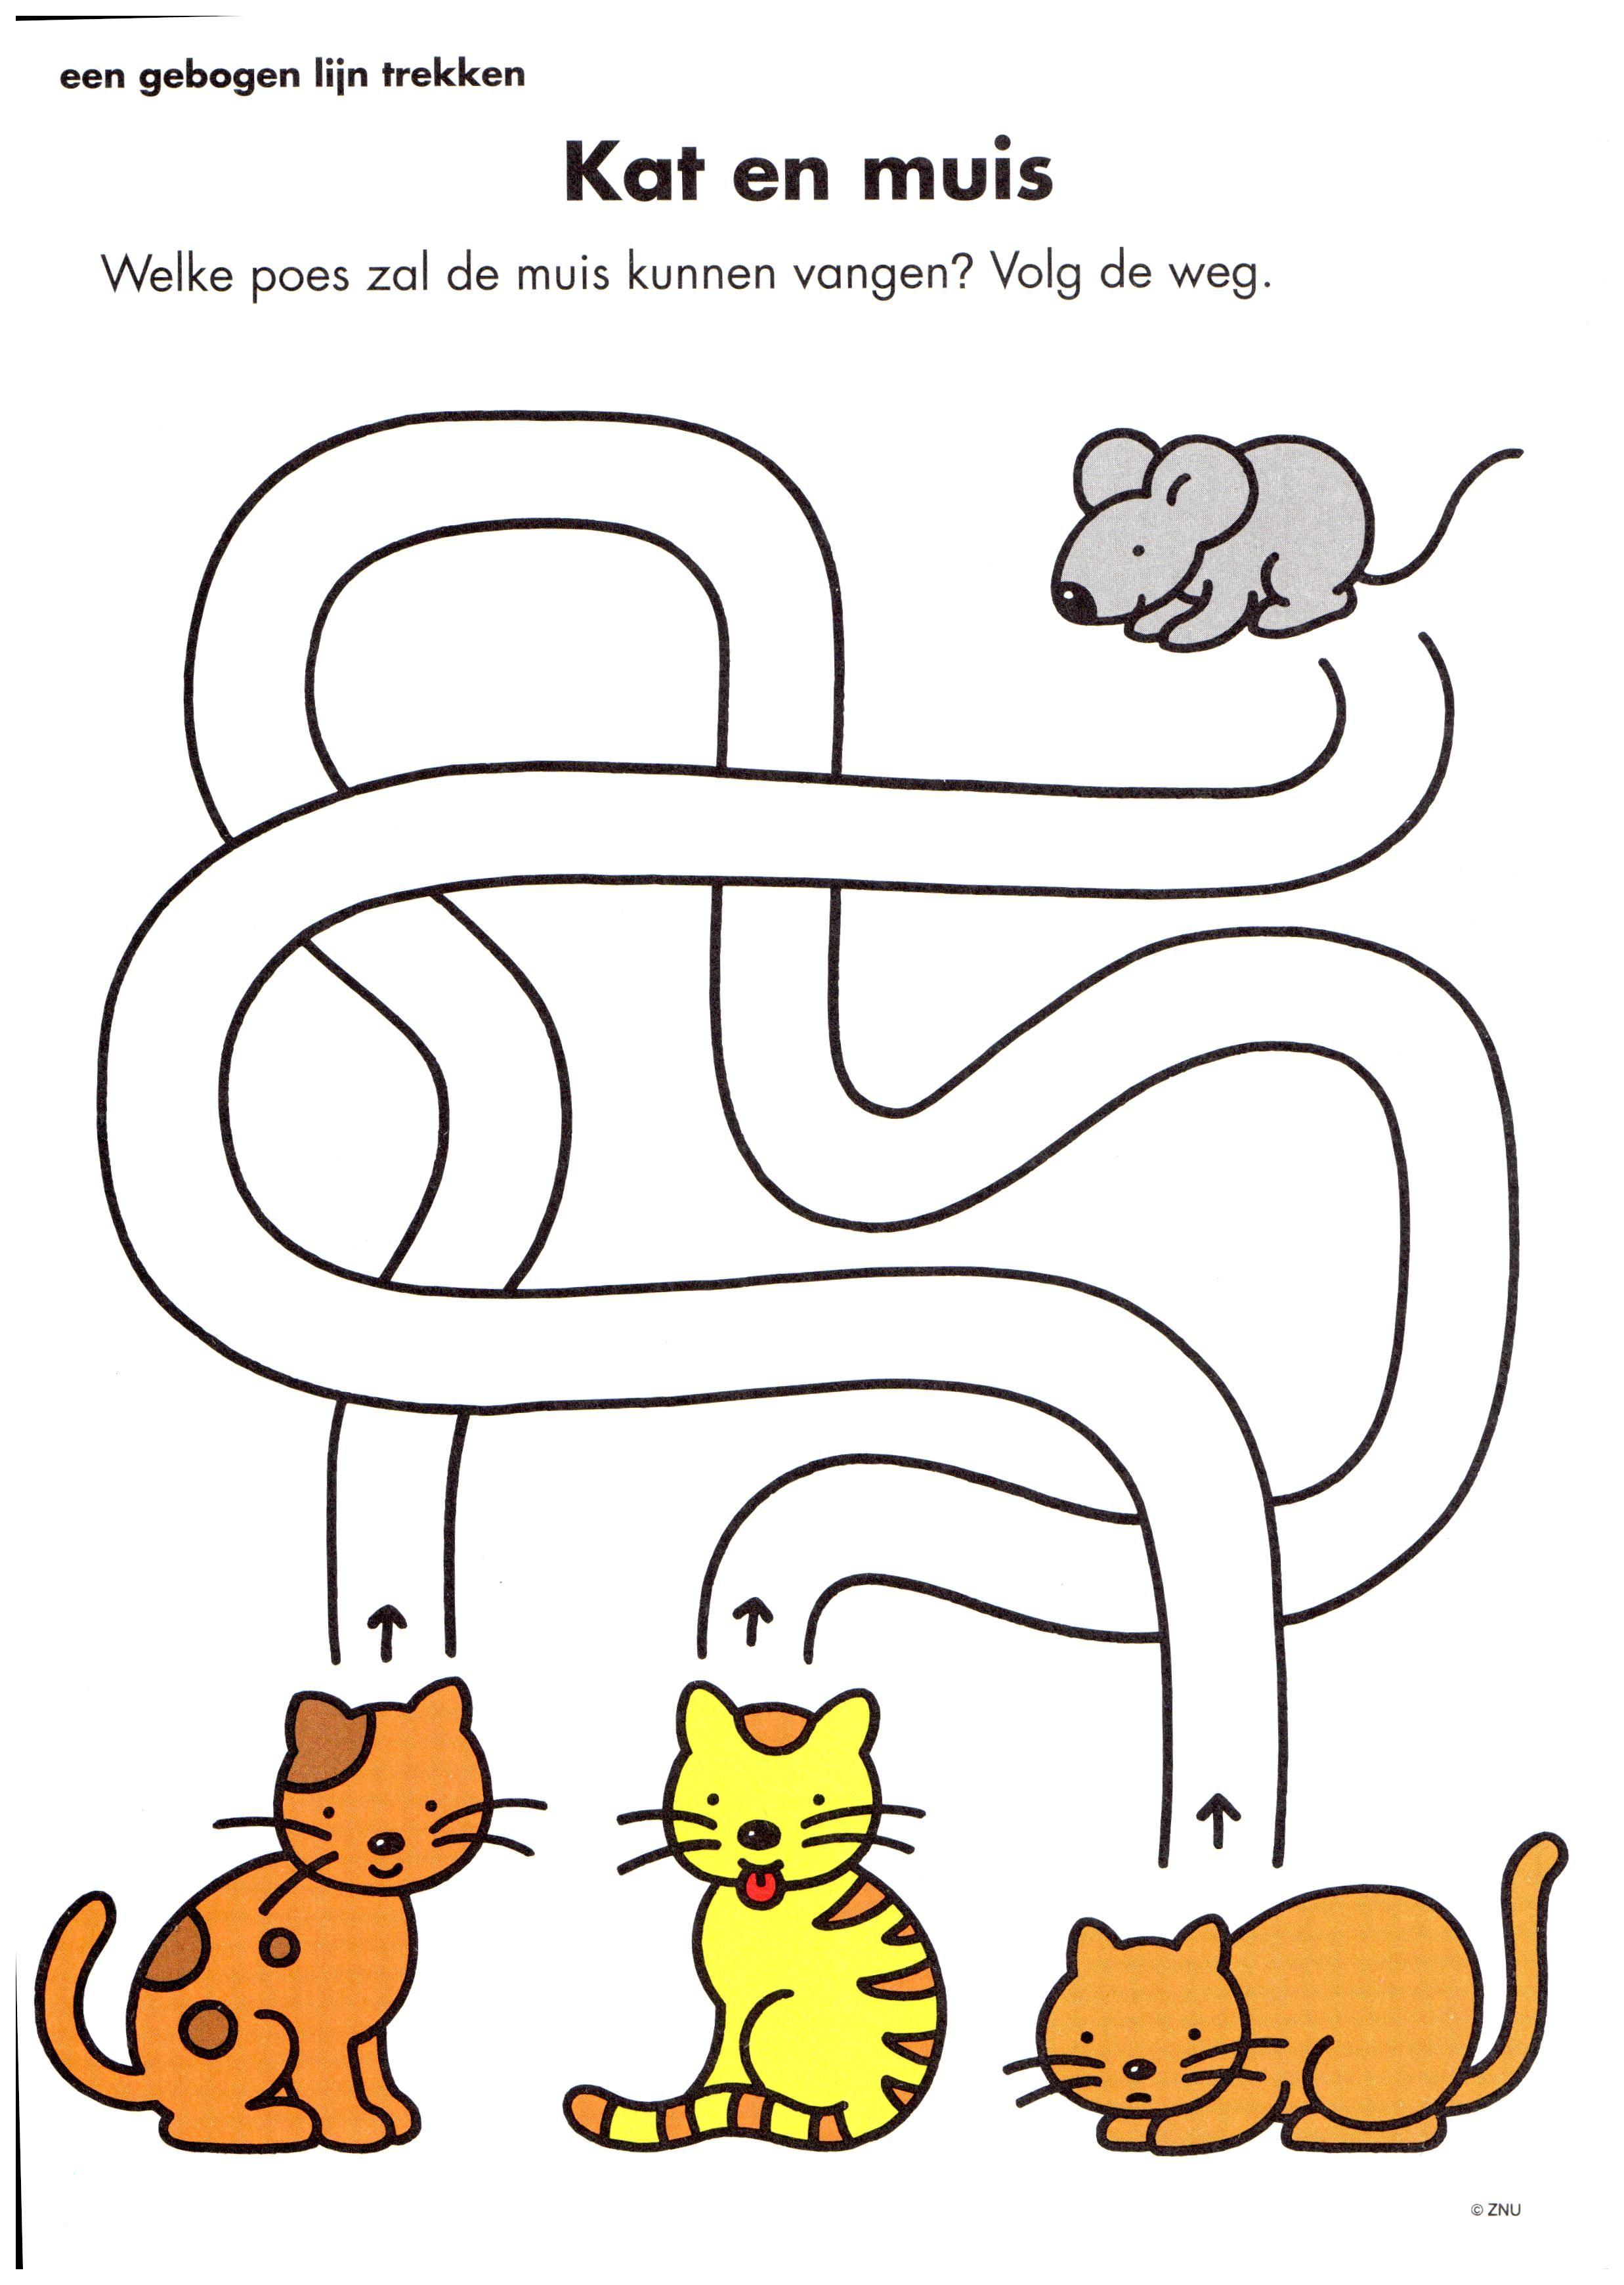 Opdracht Kat En Muis Huisdieren Doolhof Kleuterklas Huisdieren Katten Dieren